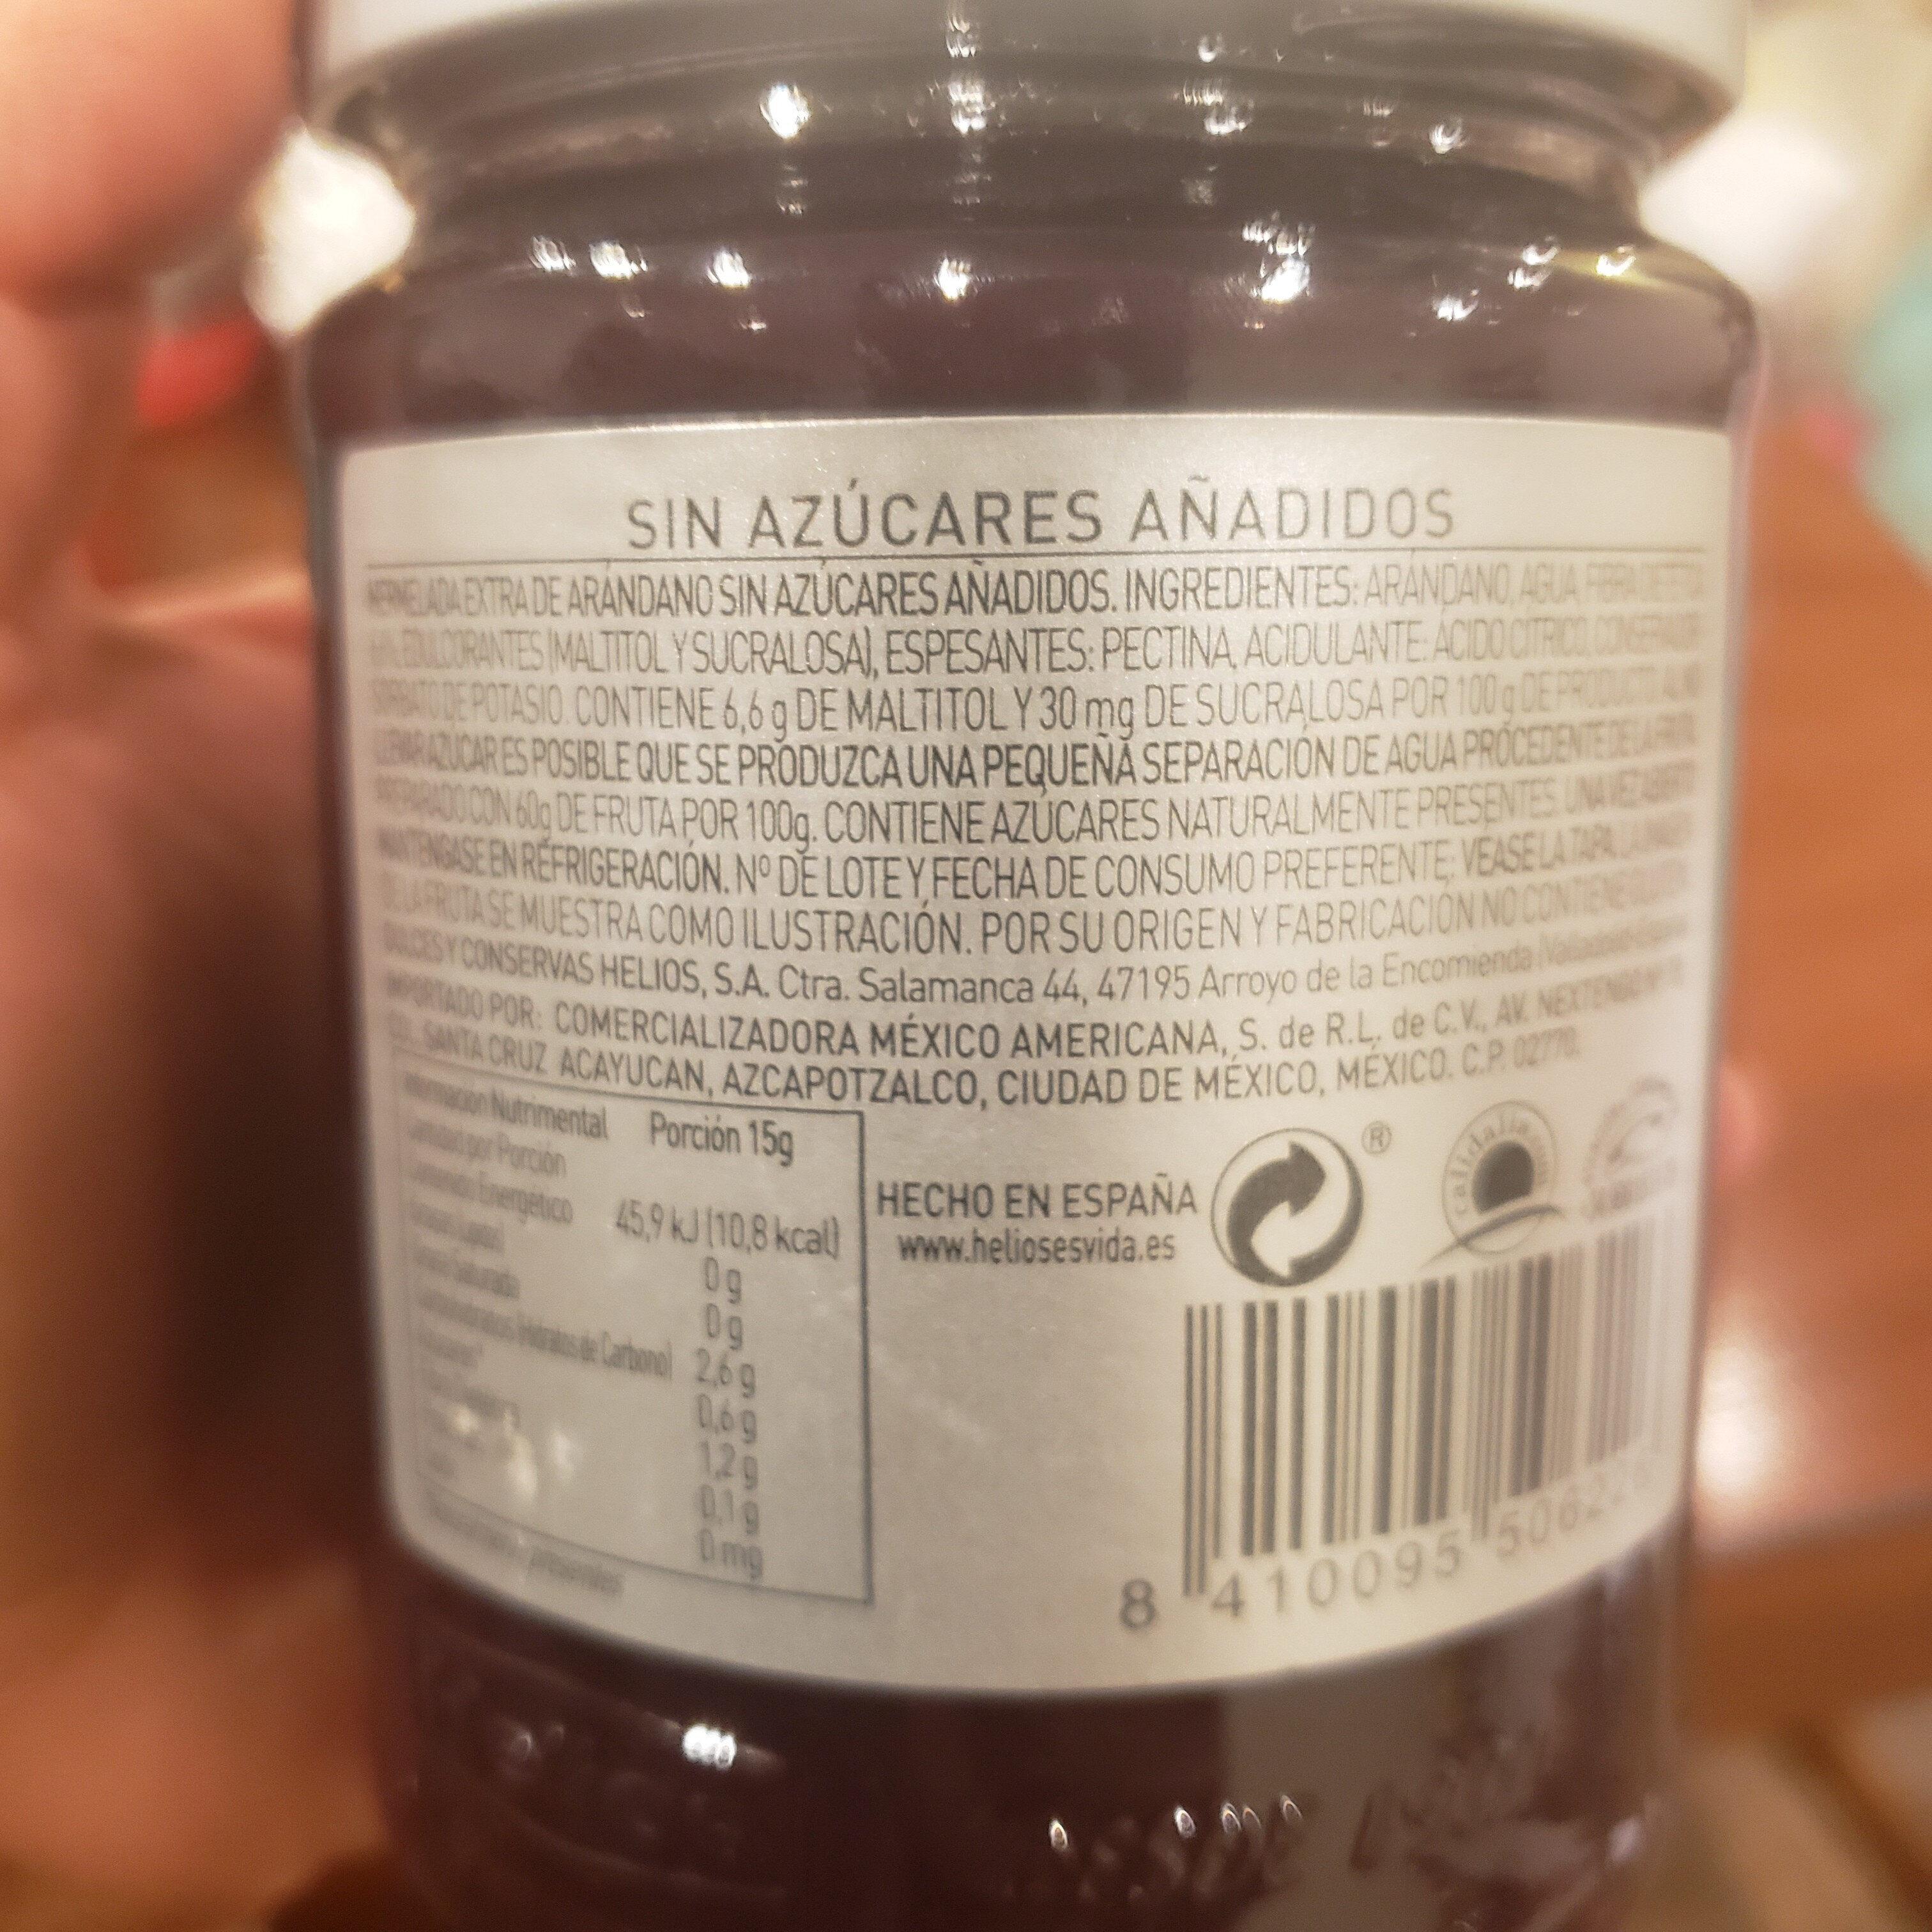 diet mermelada - Ingredientes - es